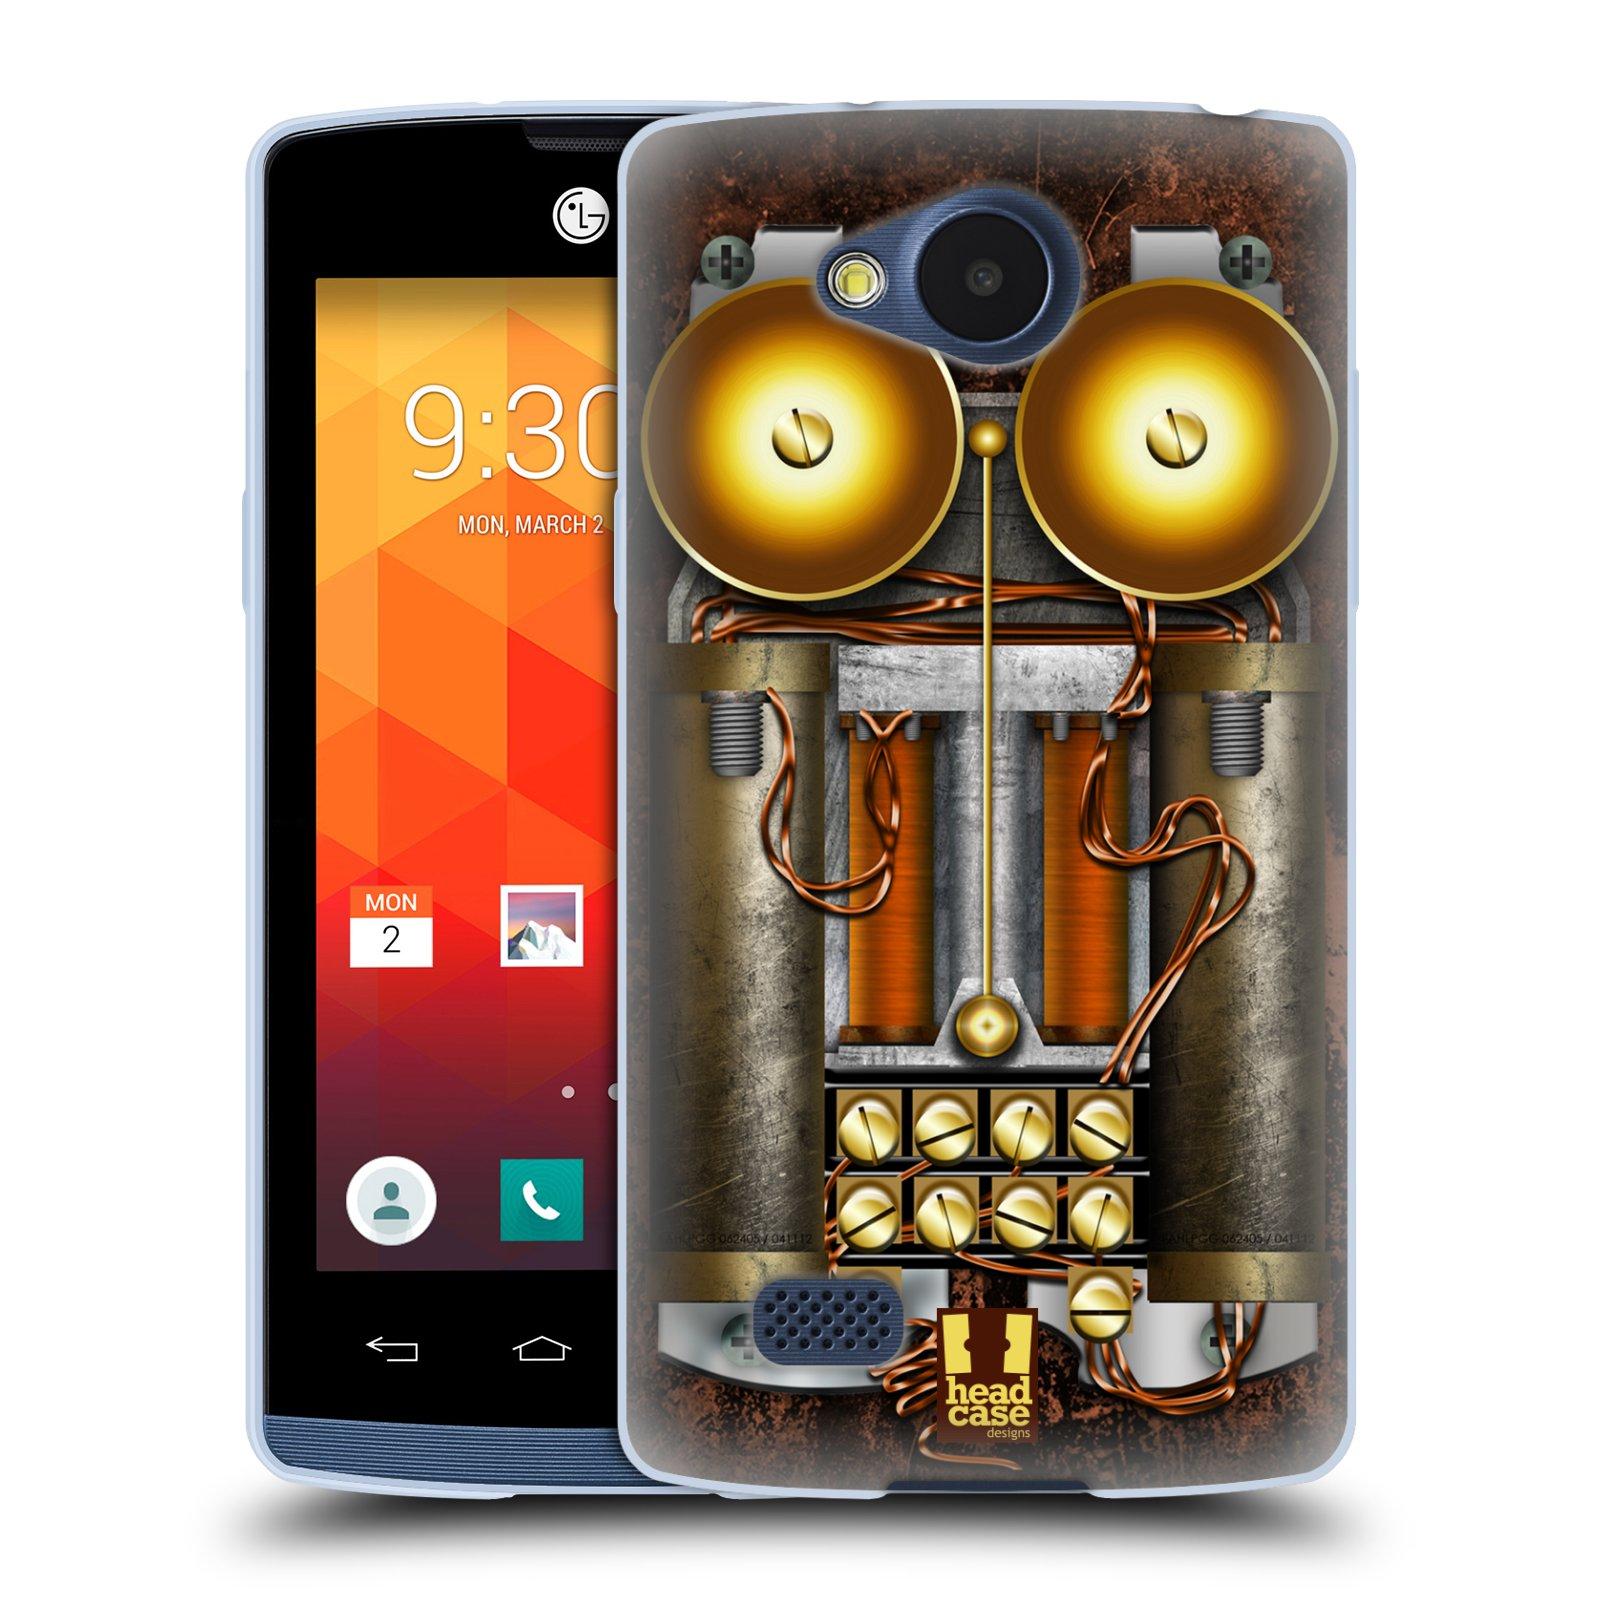 Silikonové pouzdro na mobil LG Joy HEAD CASE STEAMPUNK TELEFON (Silikonový kryt či obal na mobilní telefon LG Joy H220)